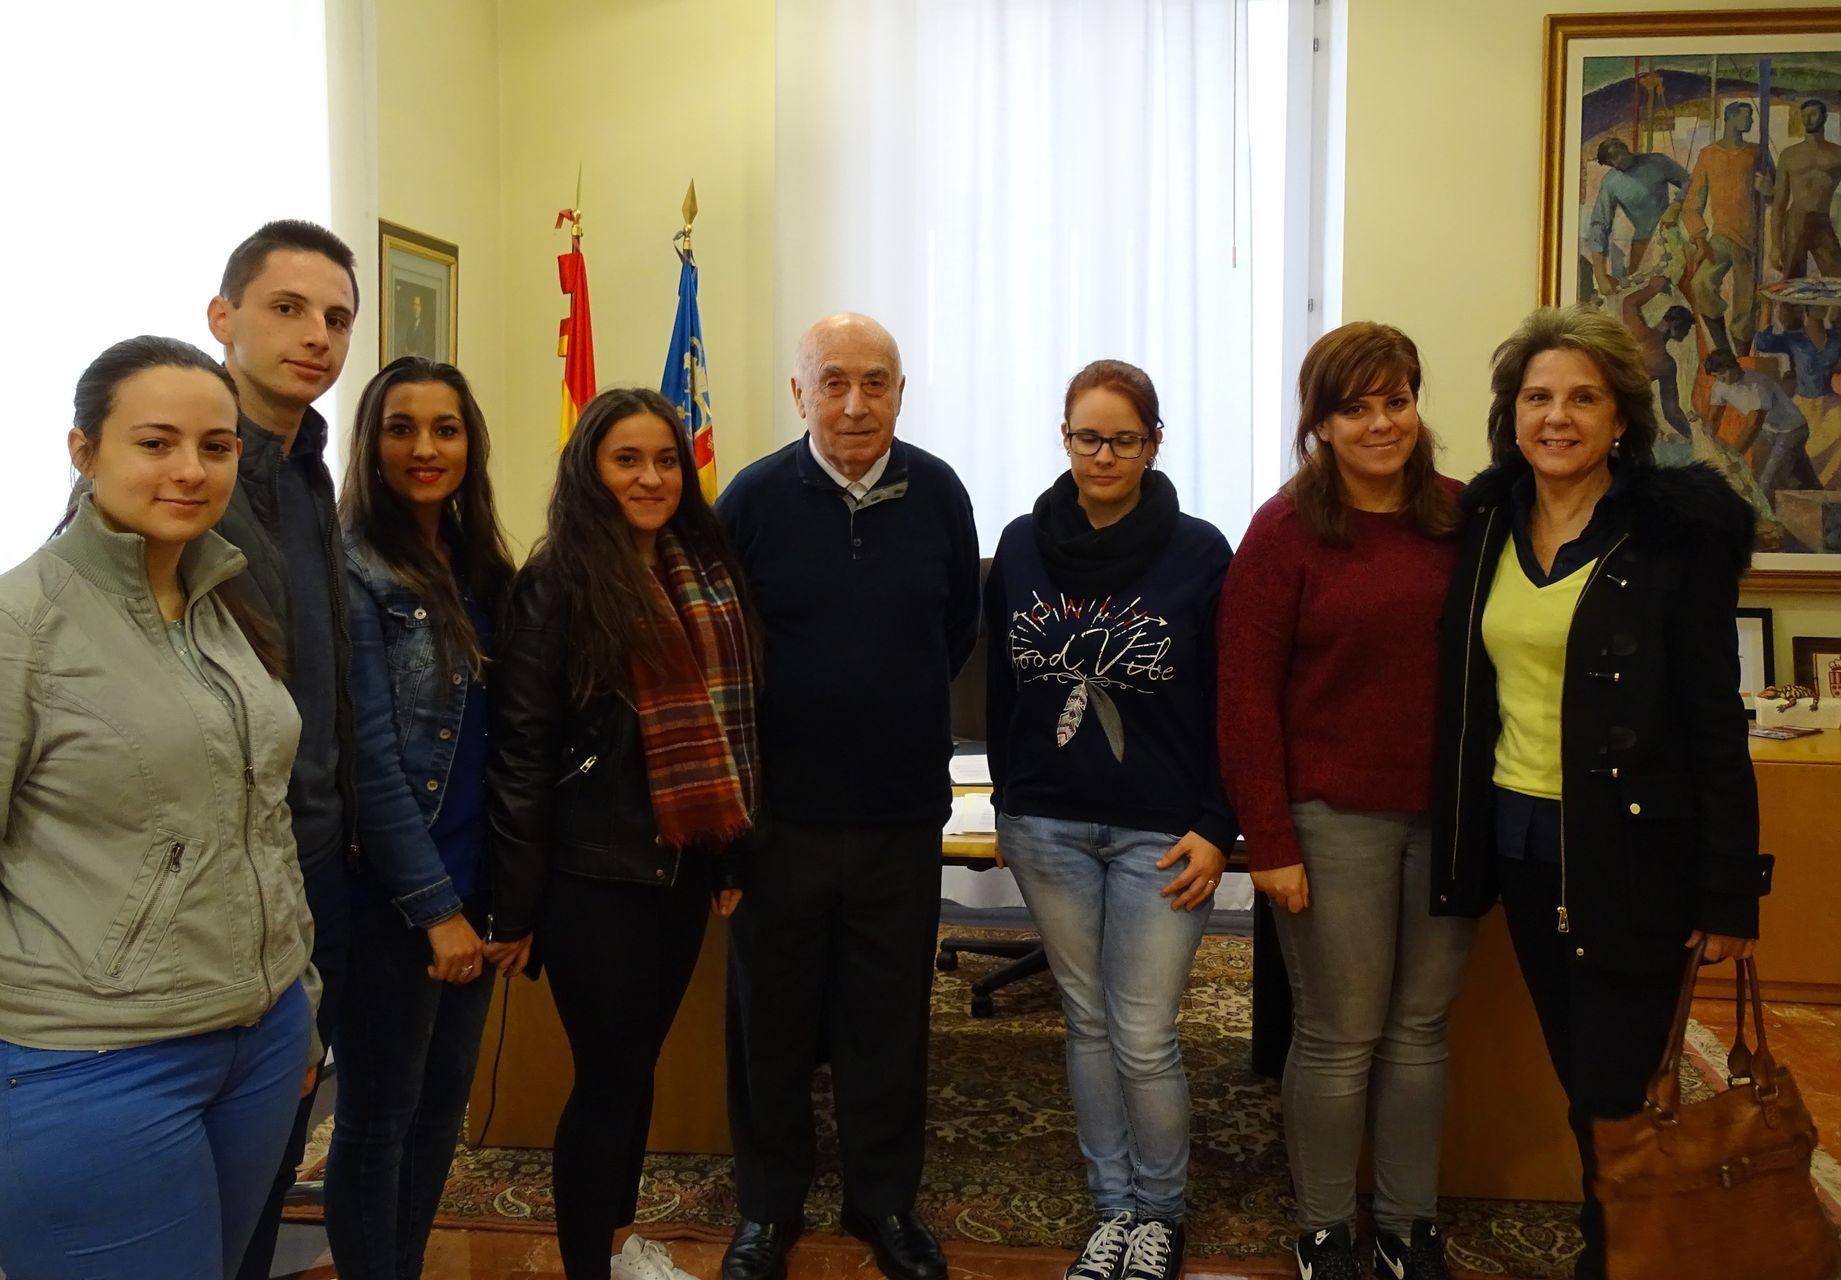 Recibimos la visita de un grupo de estudiantes del CFGM en Gestión Administrativa del IES Leonardo Da Vinci